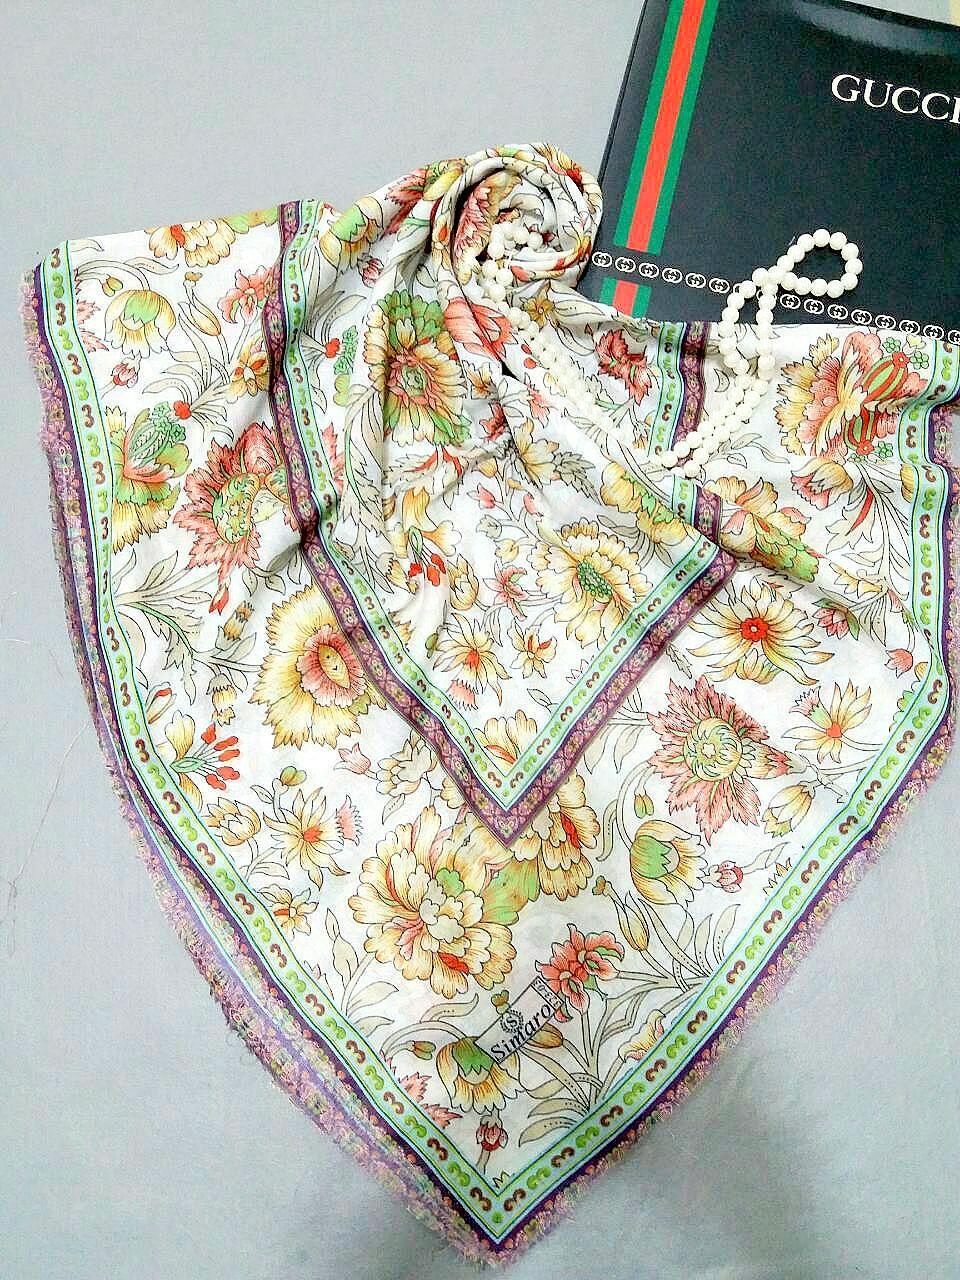 روسری  گل مینیاتور  نخی ریشه سوزنی قواره بزرگ  sr-n115